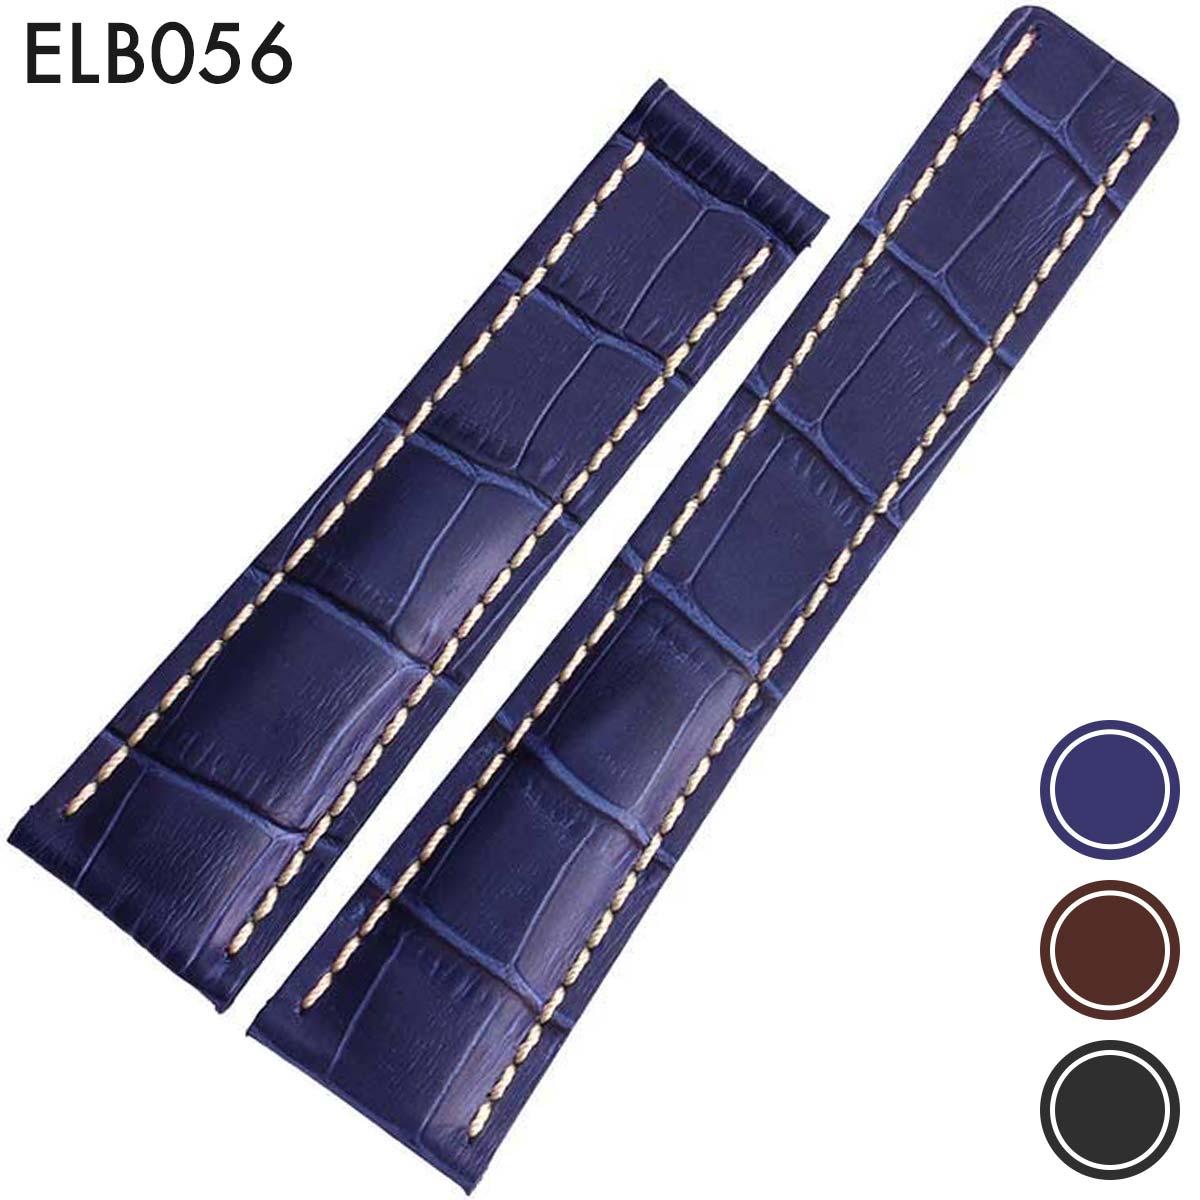 腕時計用アクセサリー, 腕時計用ベルト・バンド  22mm24mm : BREITLING () Eight - ELB056